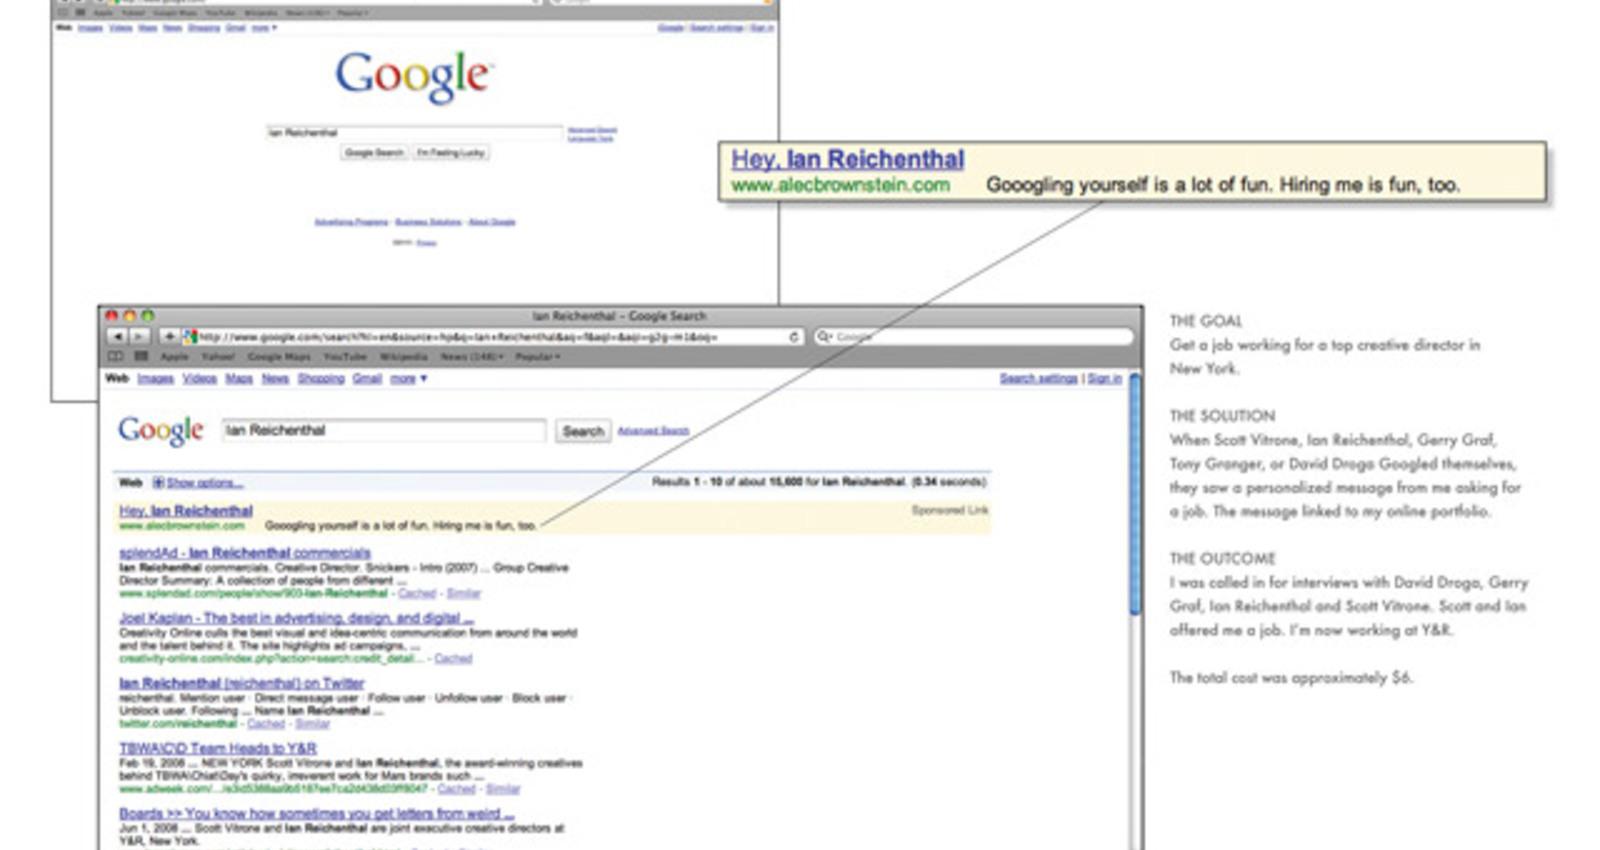 The Google Job Experiment